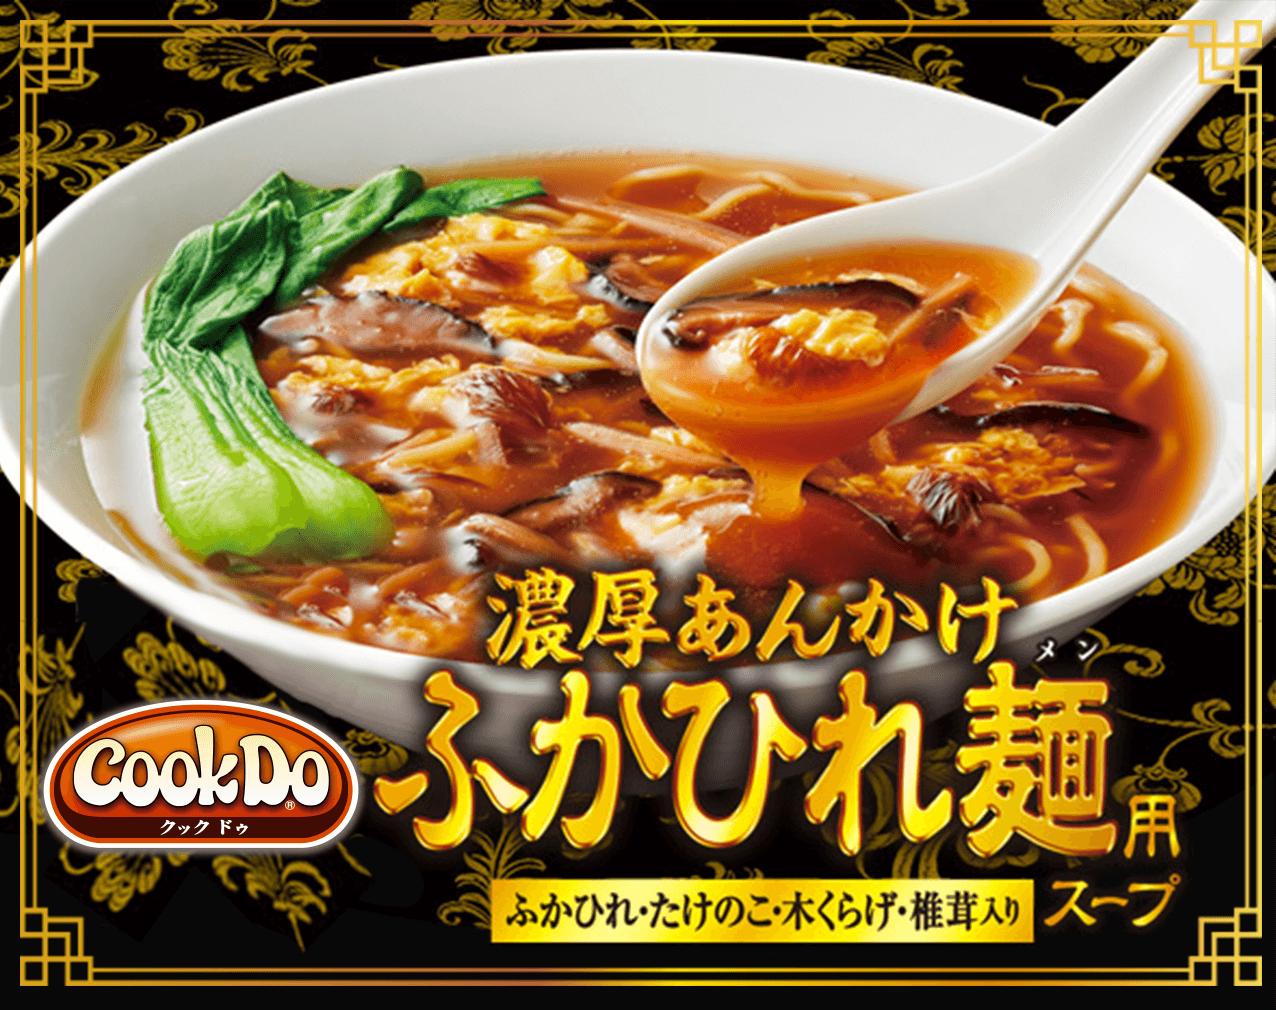 「Cook Do®」濃厚あんかけふかひれ麺用